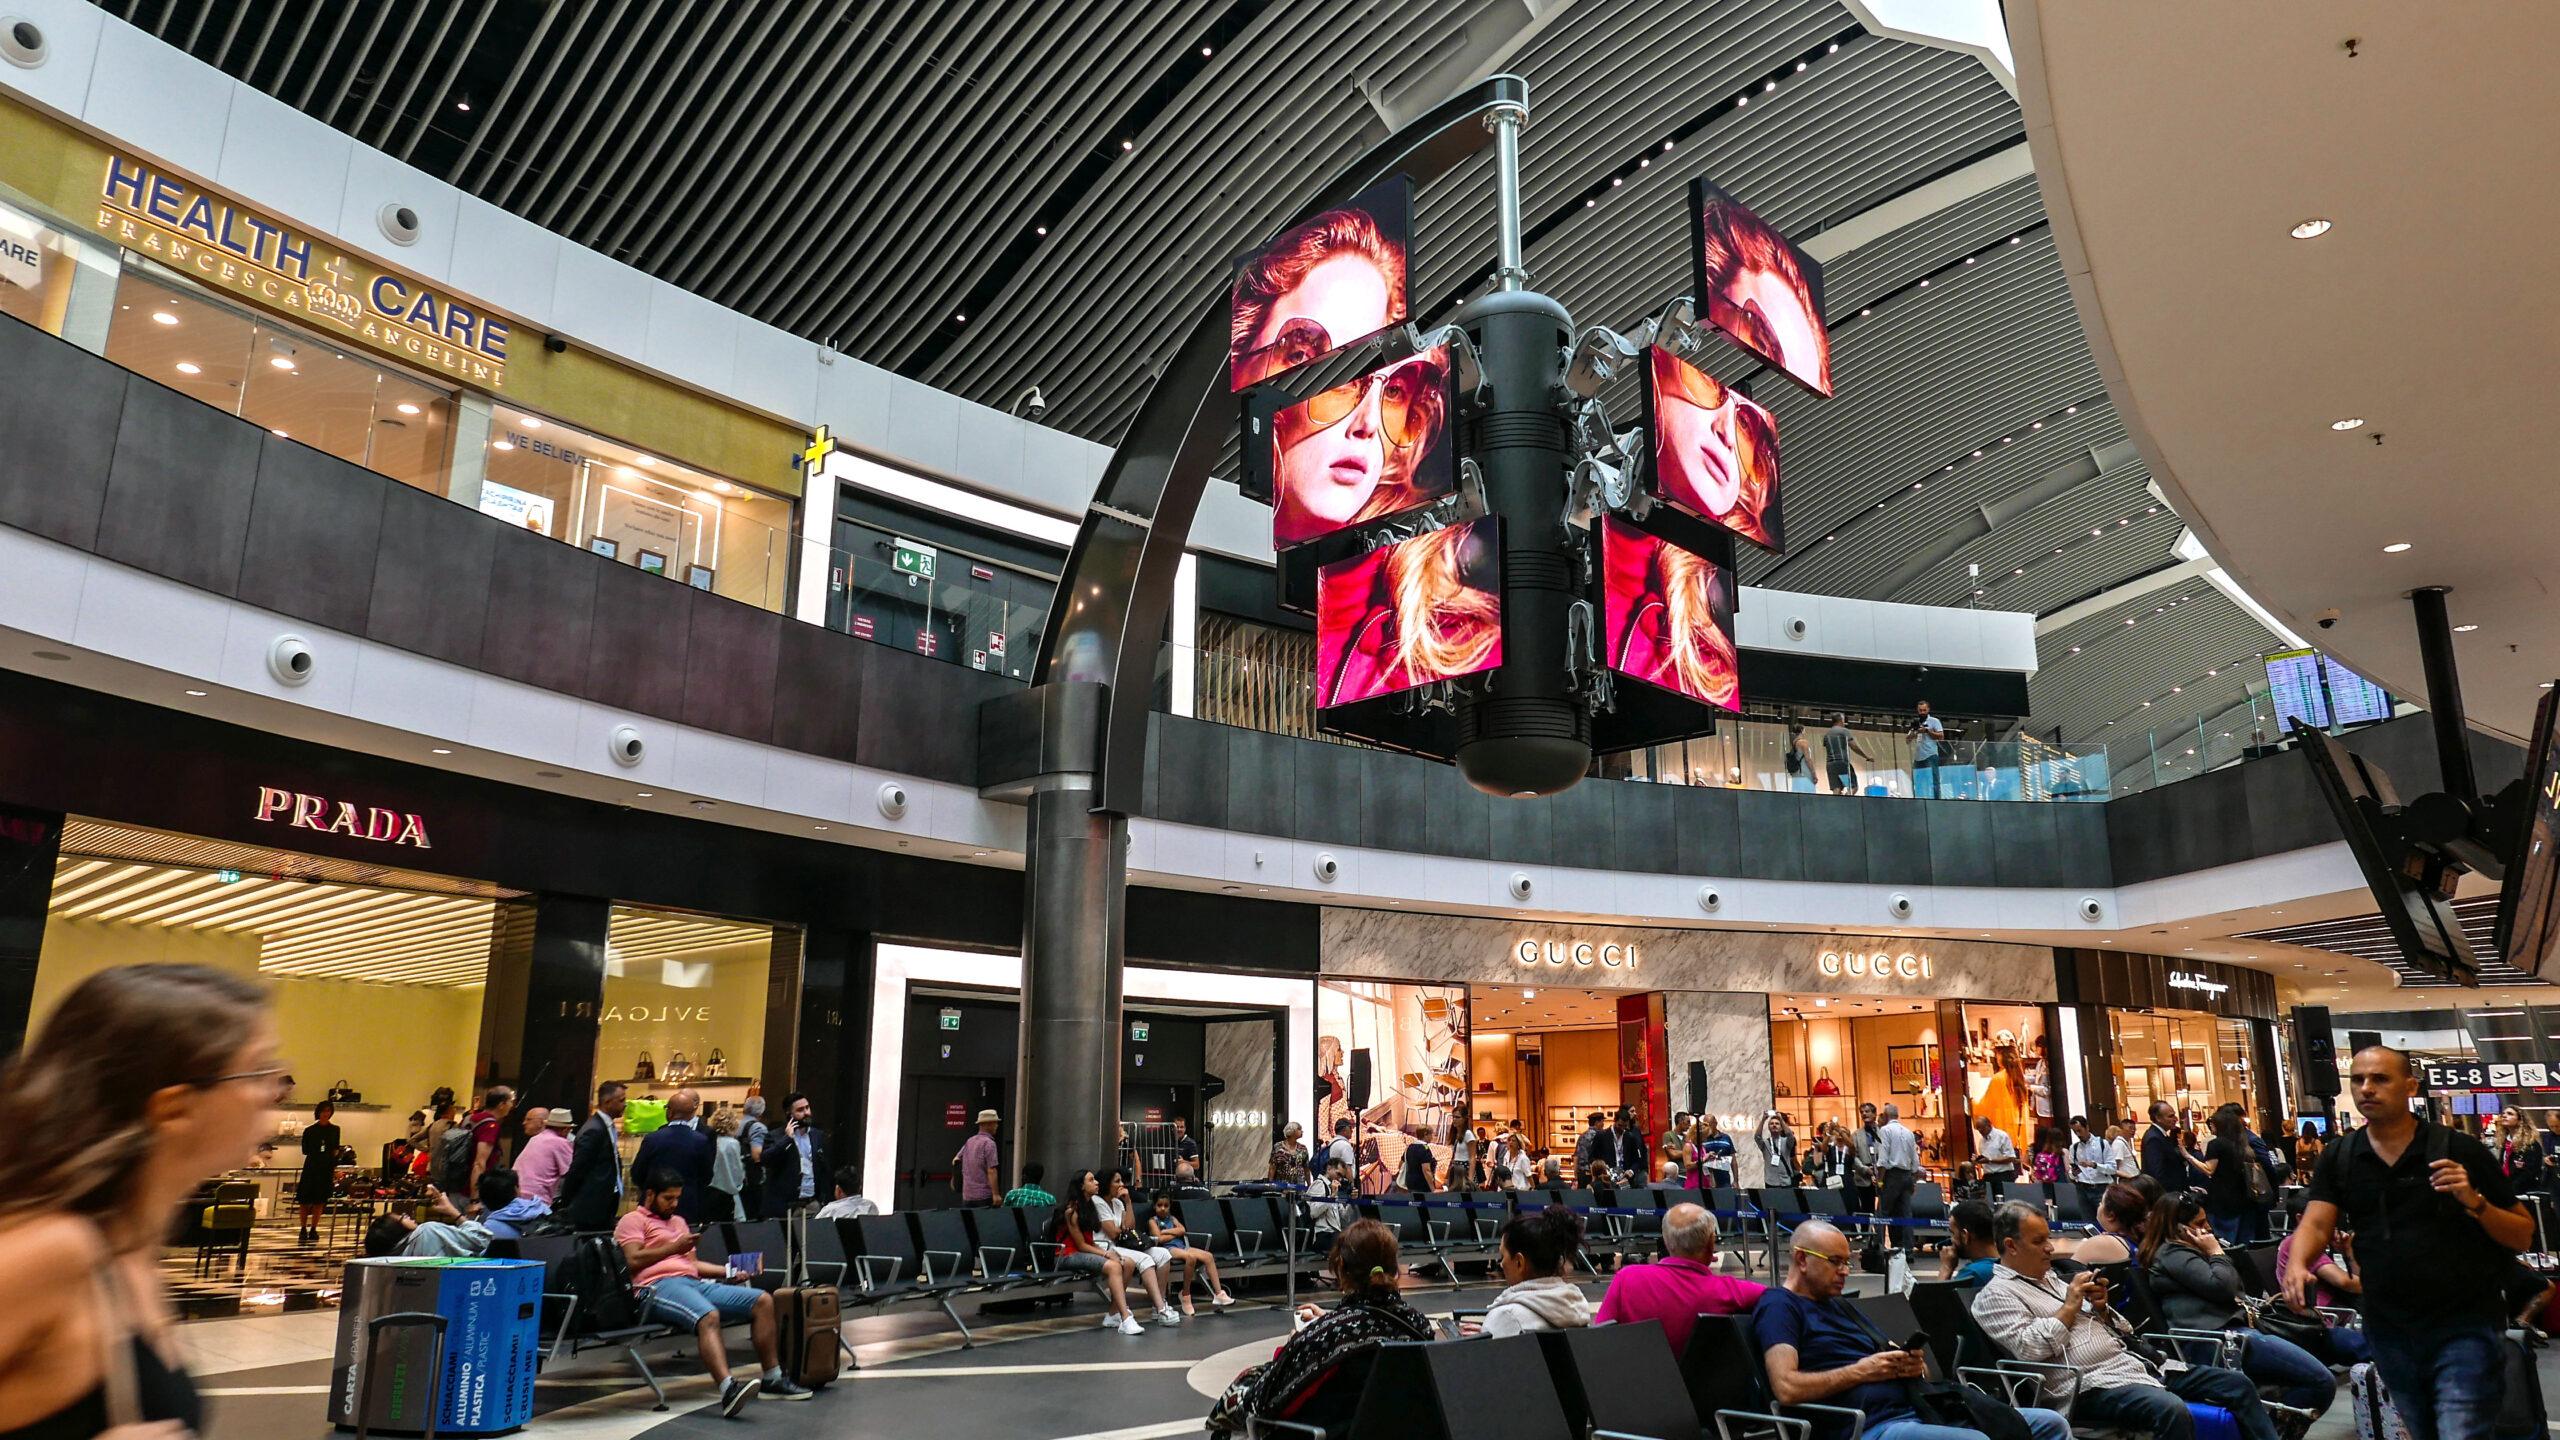 il più iconico impianto pubblicitario dell'aeroporto di Roma